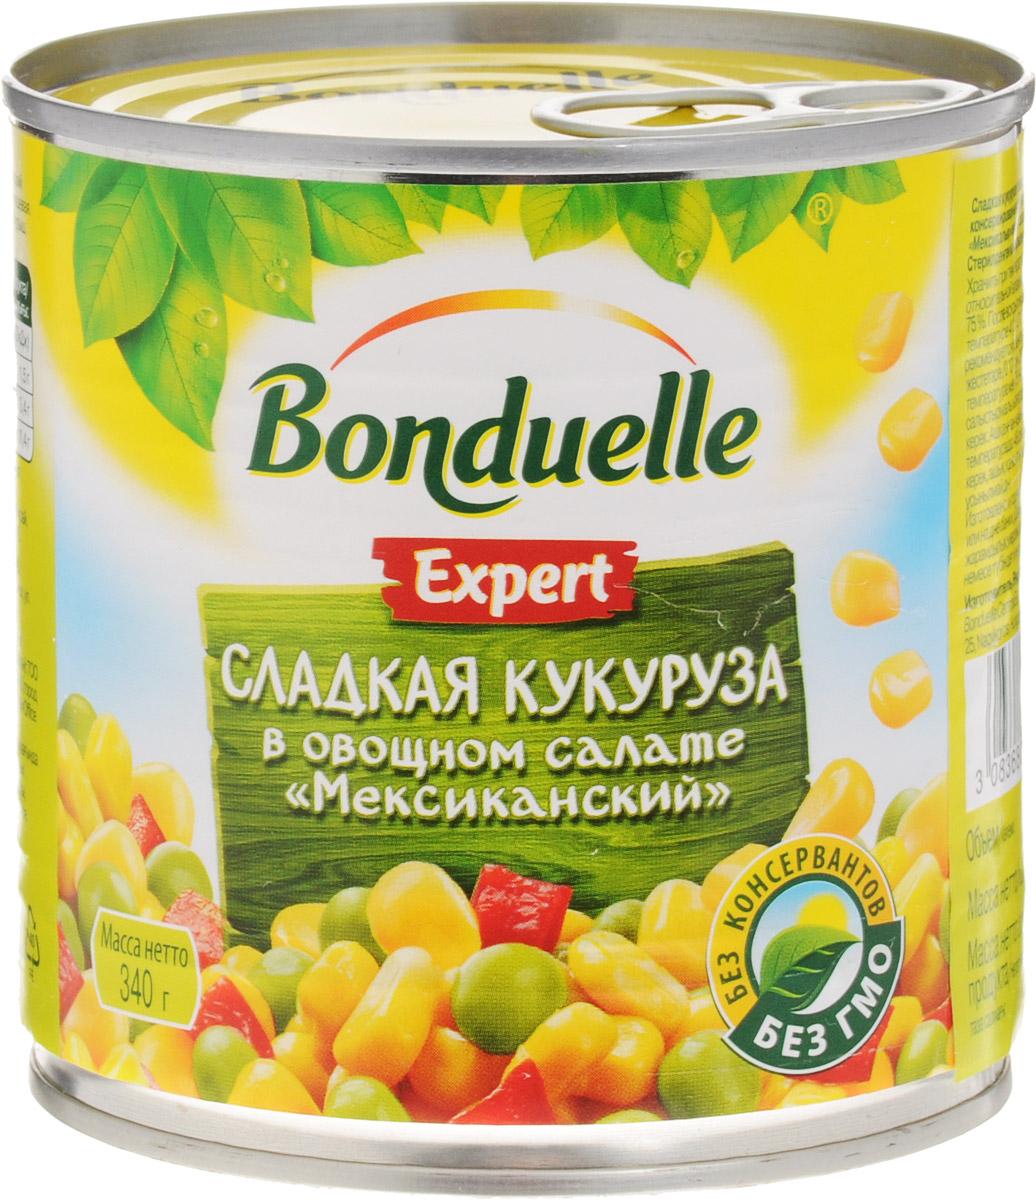 """Bonduelle овощная смесь """"Мексиканская"""", 340 г 686"""